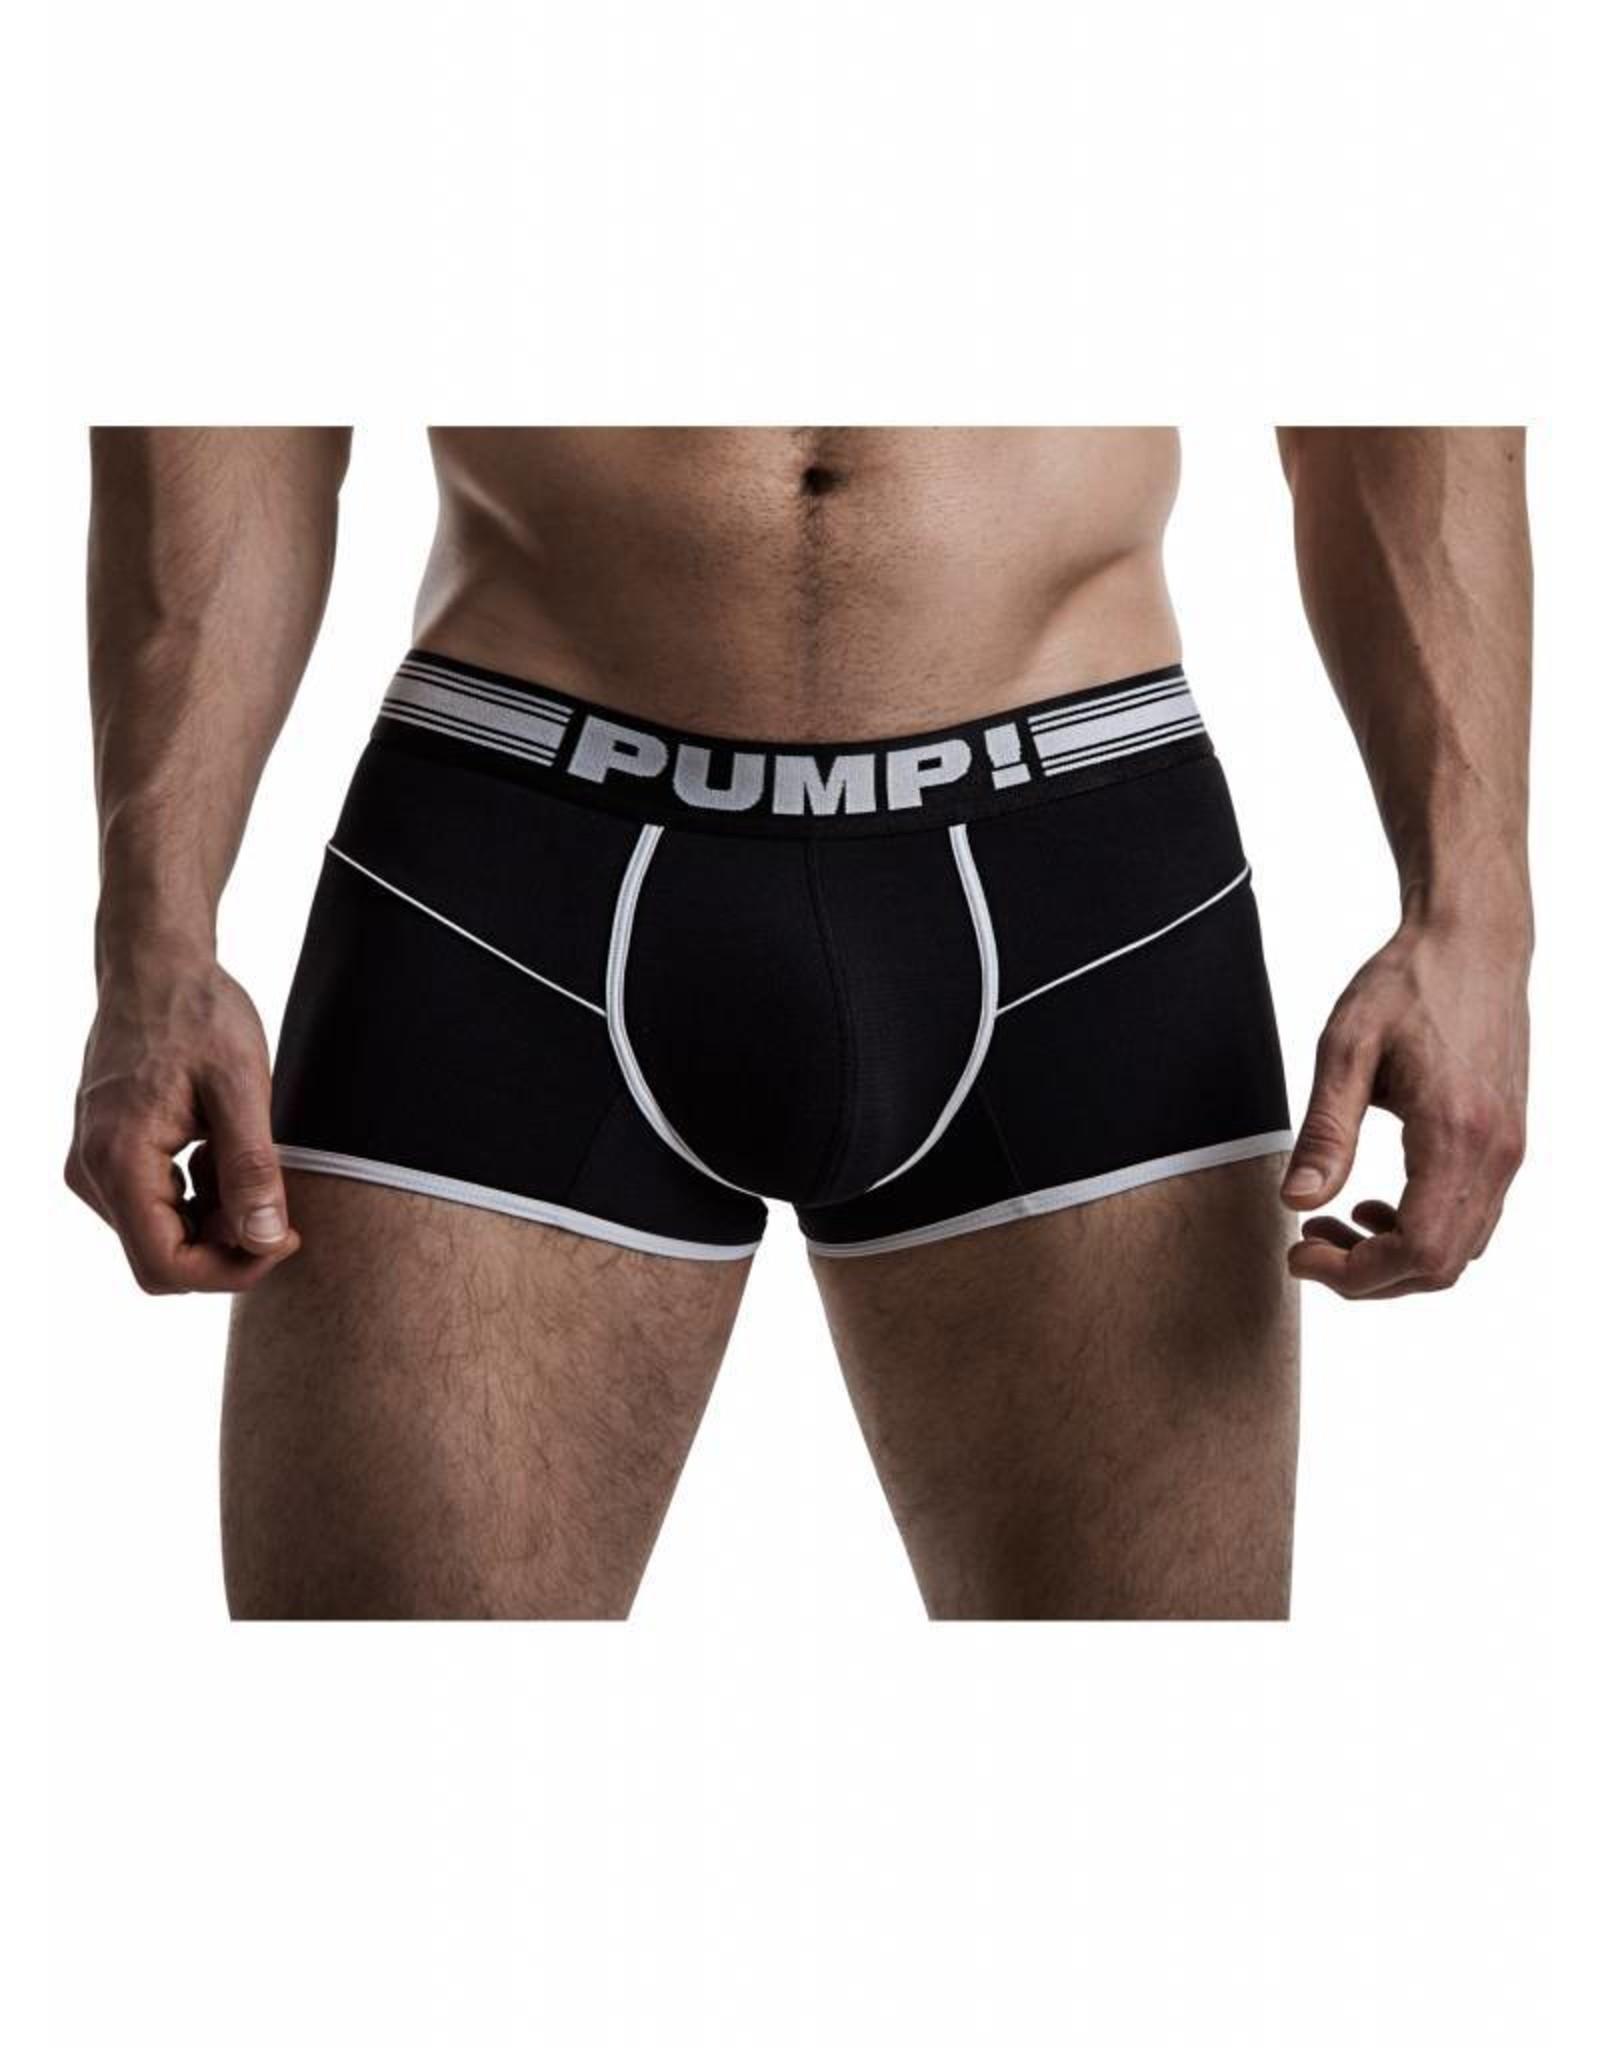 PUMP! PUMP! Free Fit Boxer noir